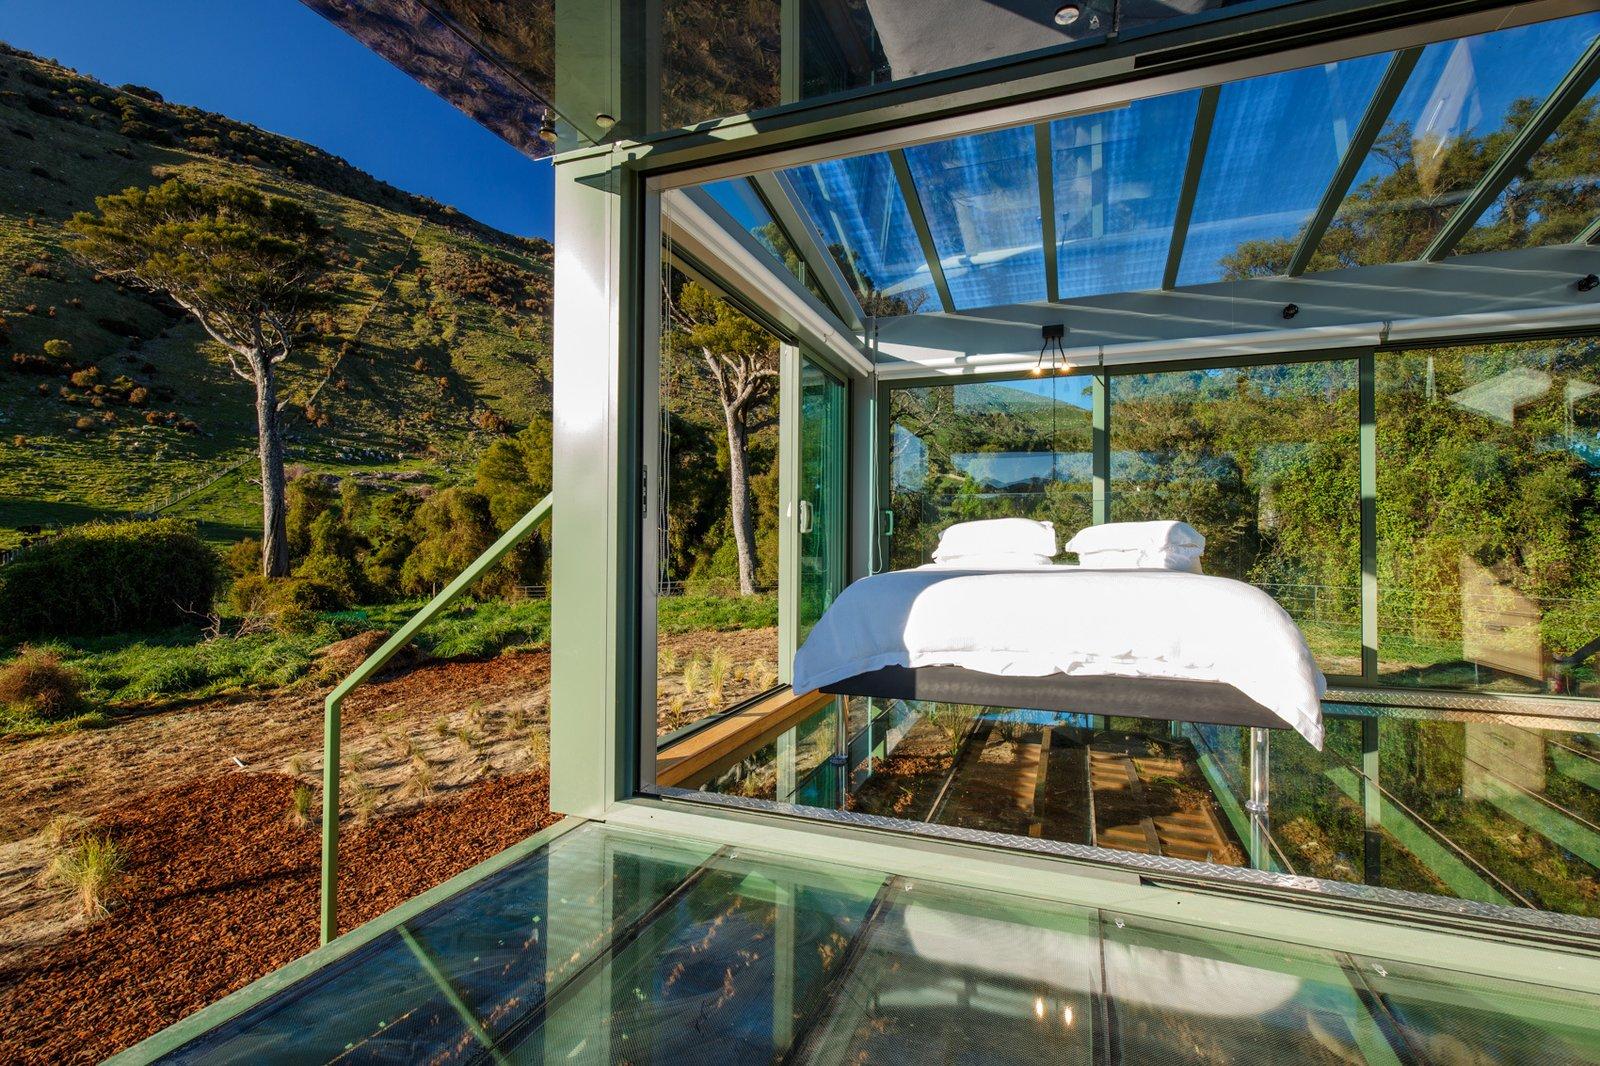 Little River PurePod Glass Eco-Cabin